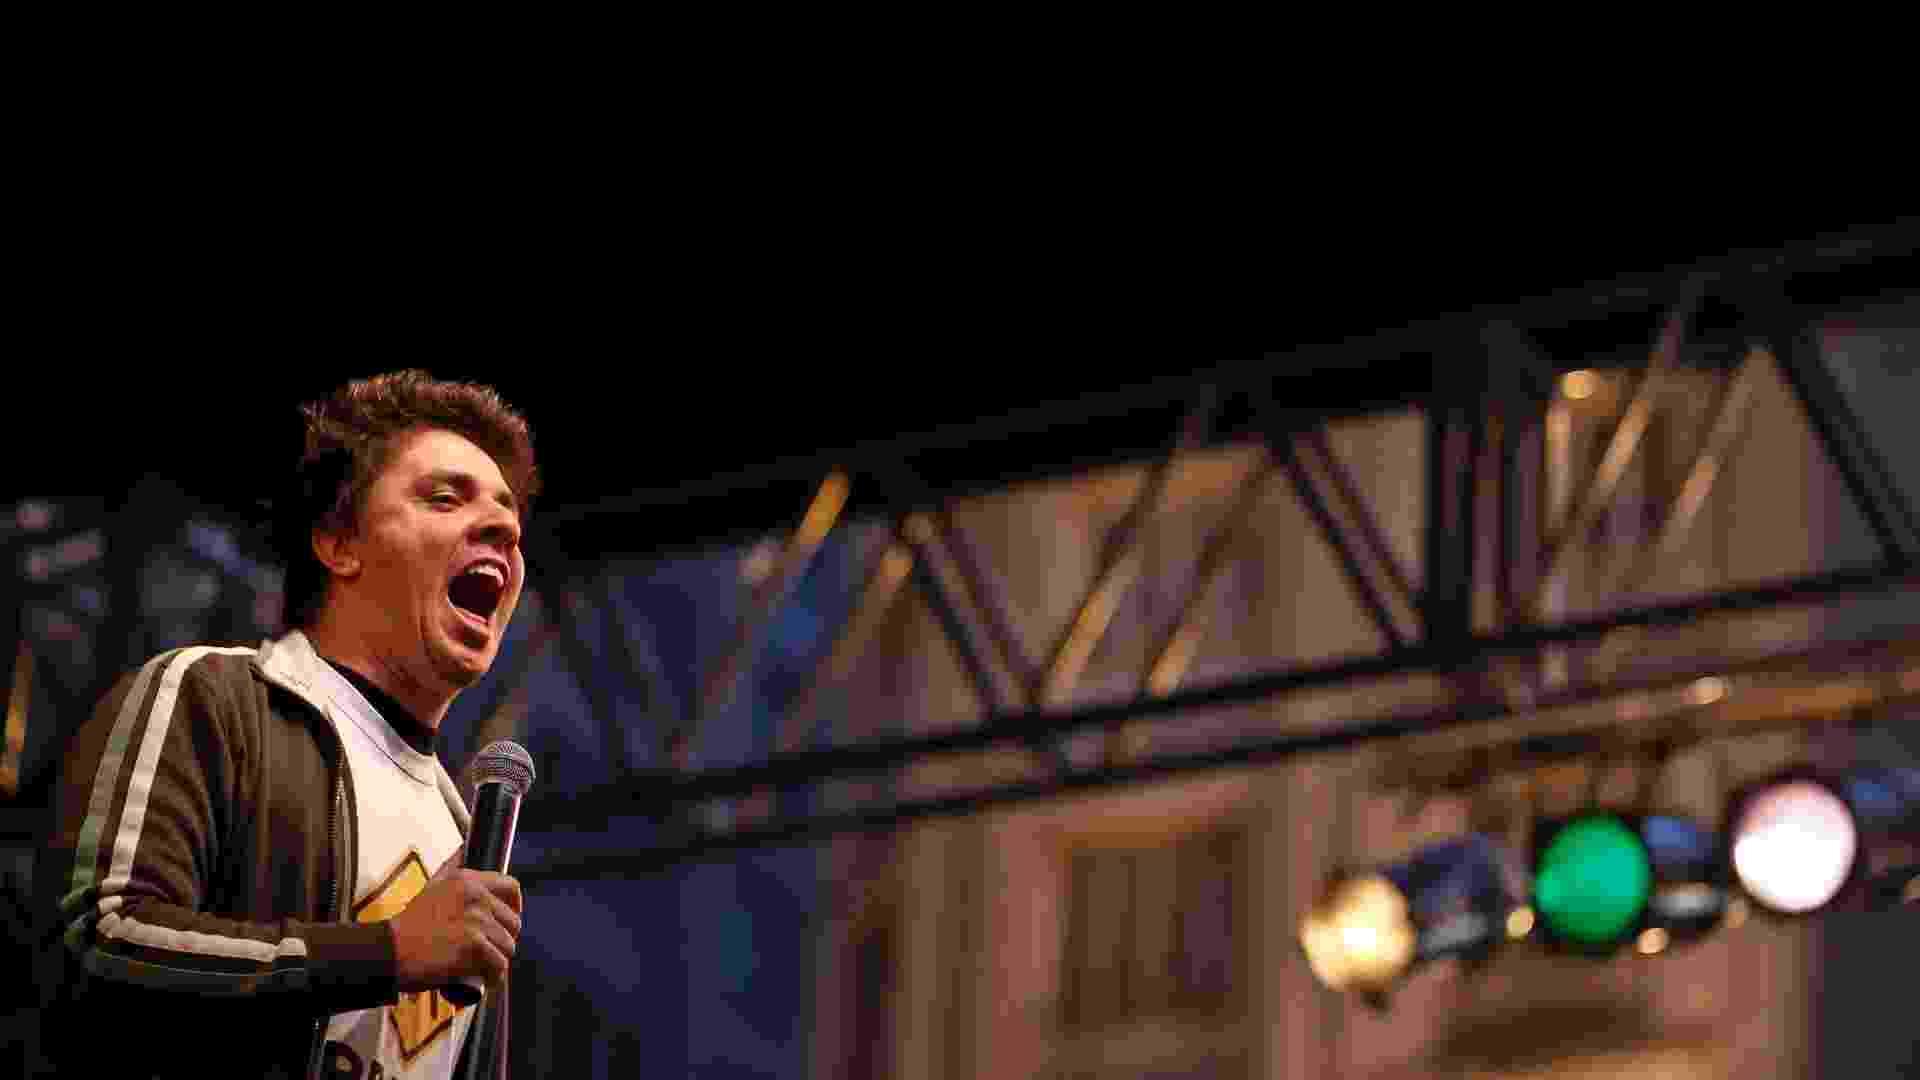 O humorista e membro do CQC Oscar Filho se apresenta no palco de stand-up na Virada Cultural (6/5/2012) - Guilherme Zauith/UOL